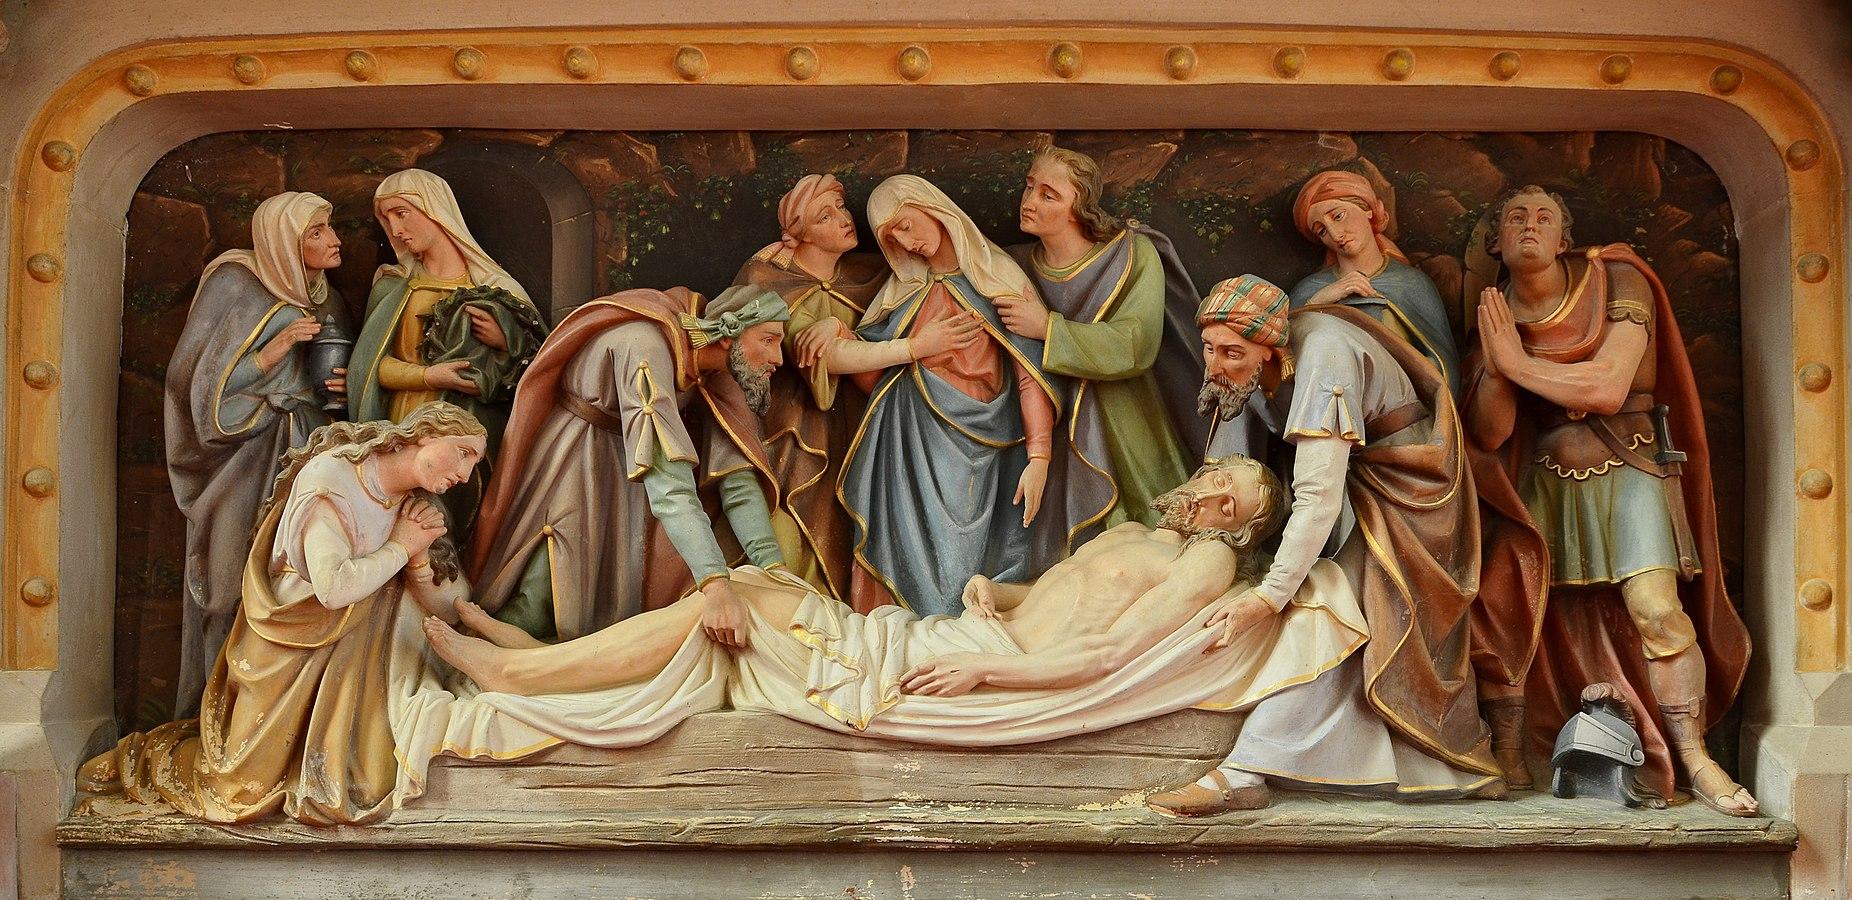 Resultado de imagem para Depois de retirado da Cruz, Jesus foi colocado num túmulo, por um fariseu chamado José de Arimateia.